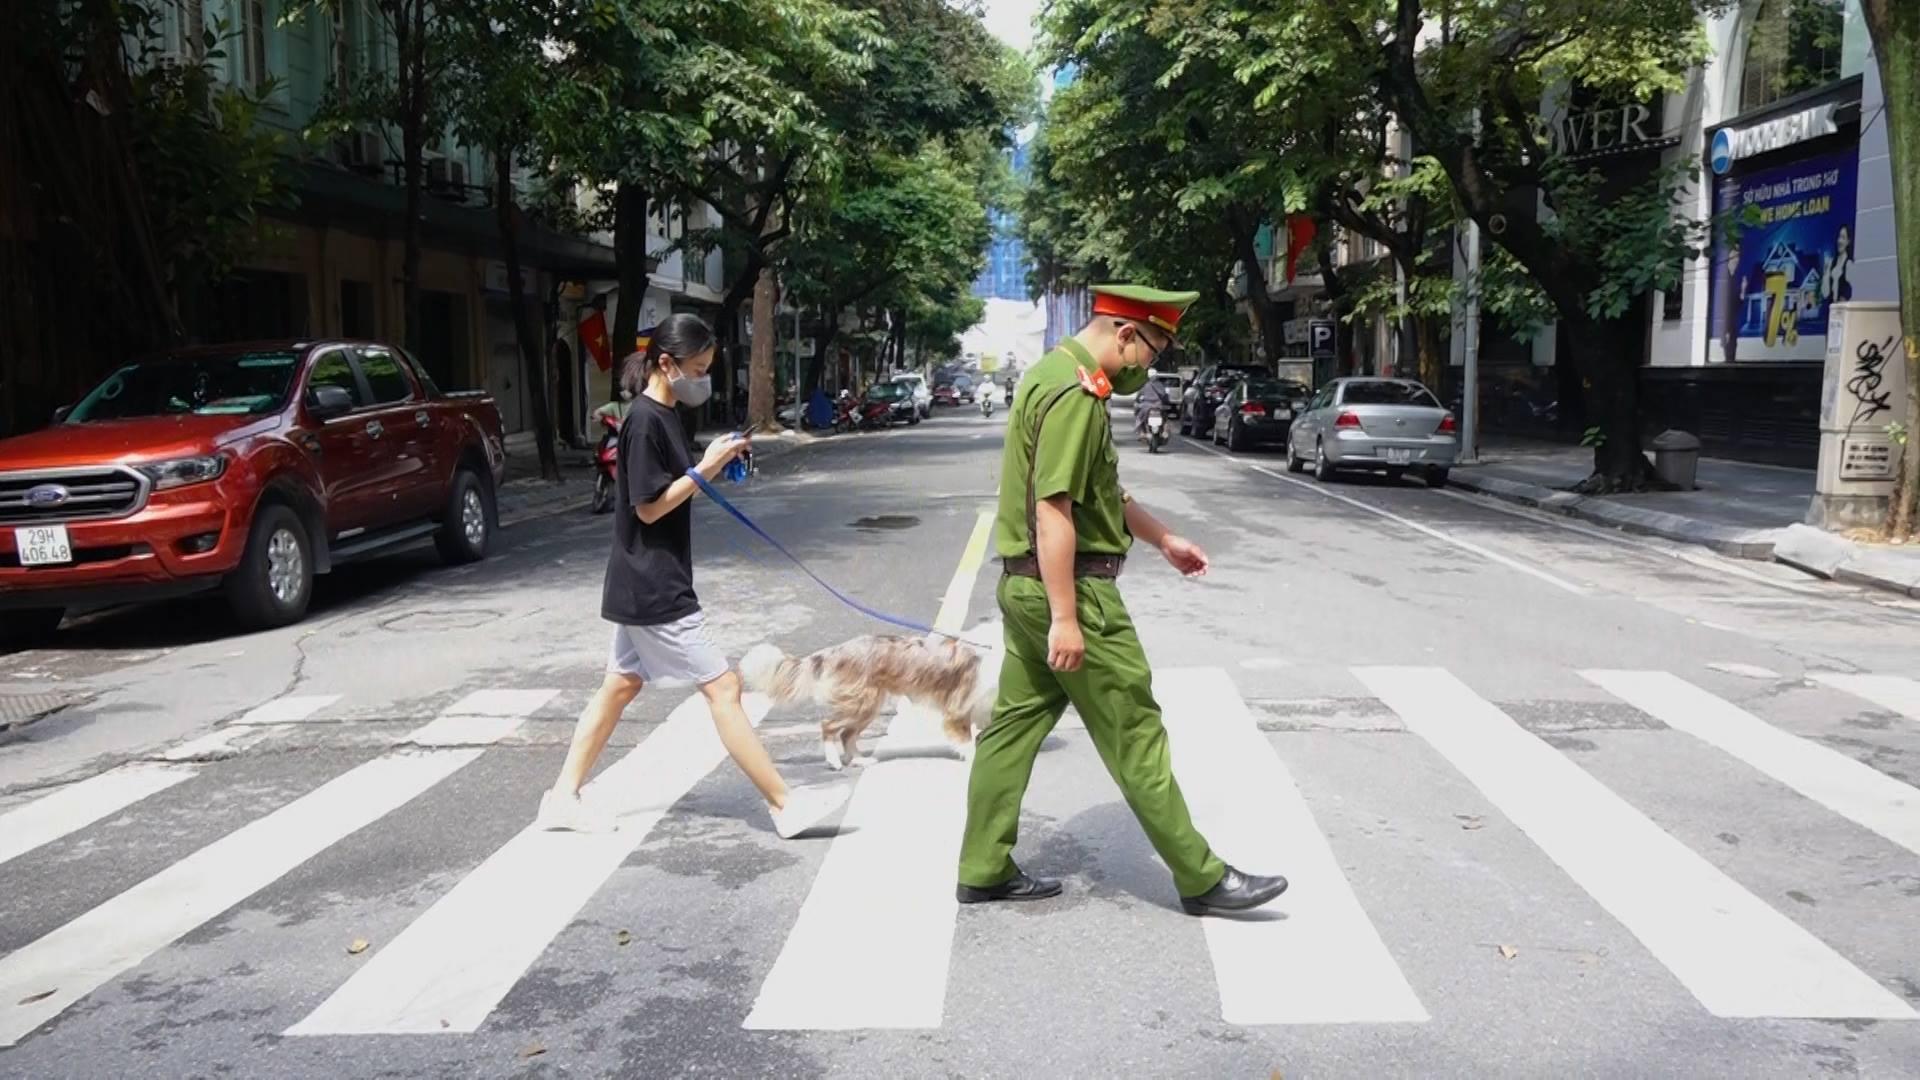 H bị xử phạt 2 triệu đồng sau khi dắt chó đi dạo.